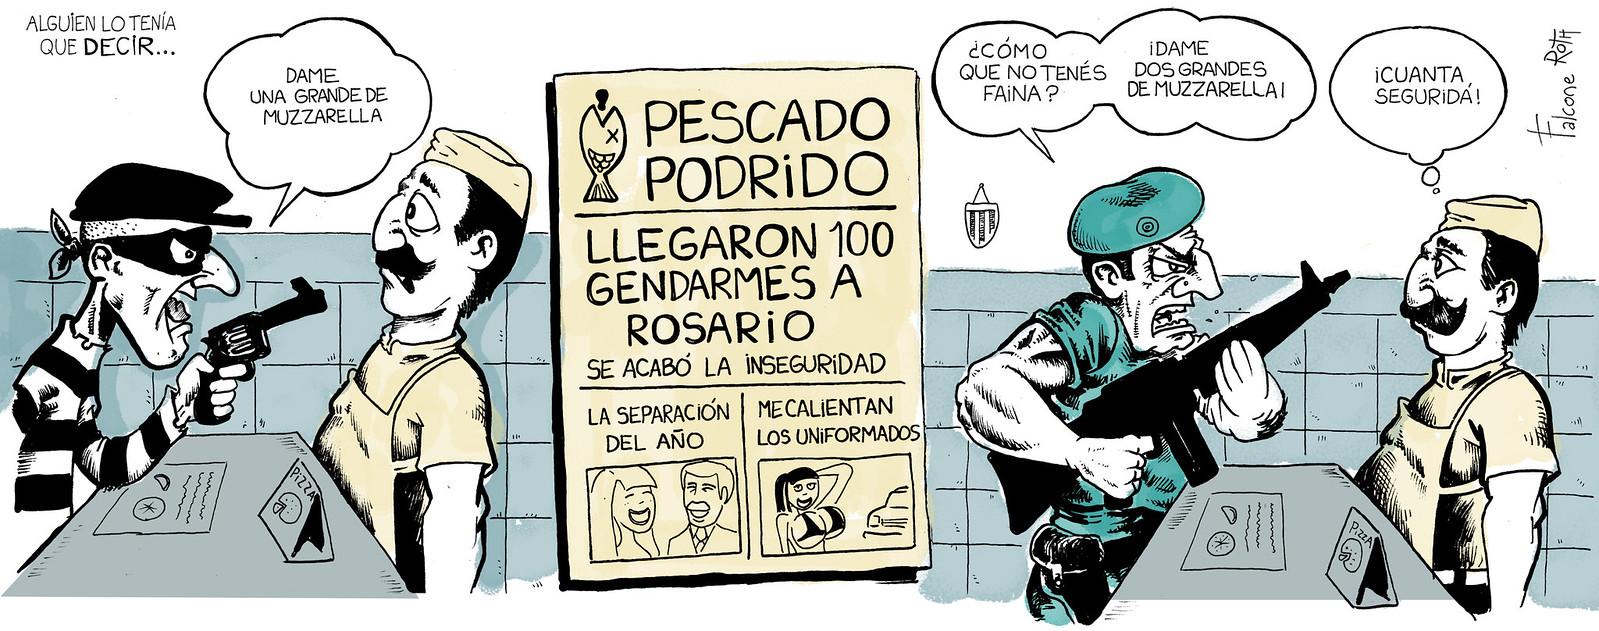 reactivación por la llegada de gendarmeria a Rosario